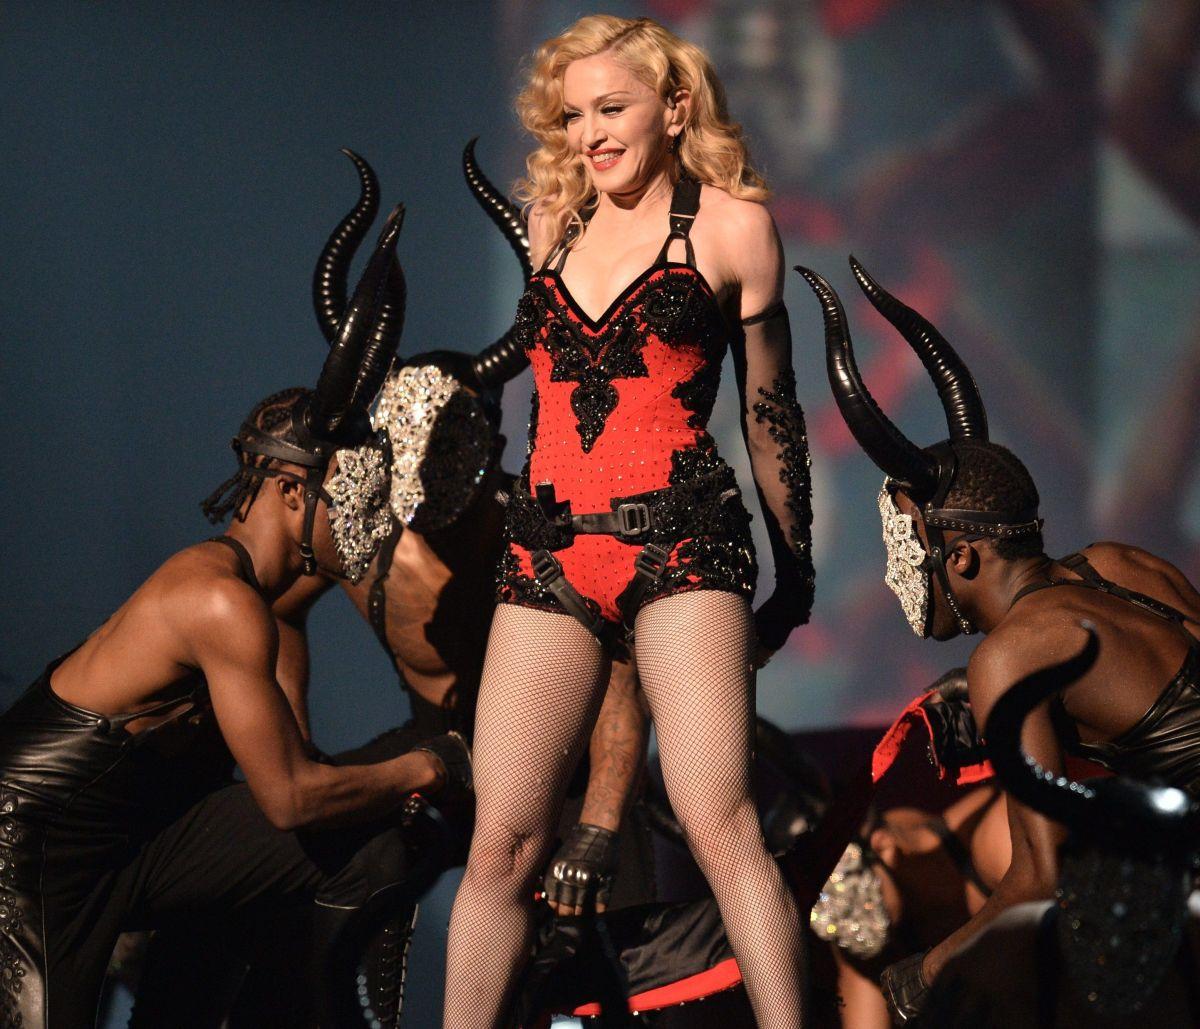 Madonna sorprende a sus fanáticos con lencería sexy sus ¡62 años!